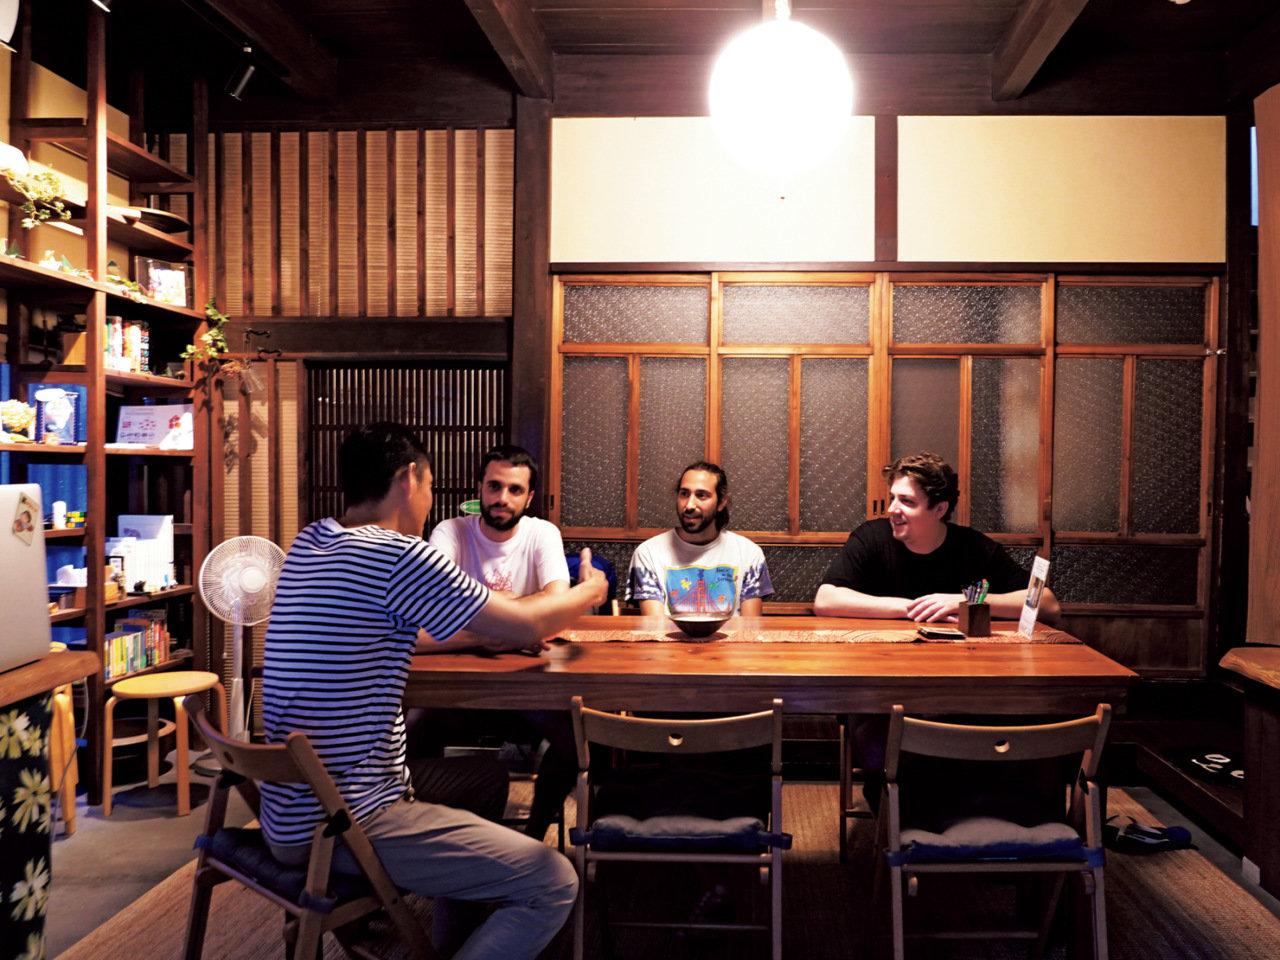 「古民家」で世界を旅する。大阪府大阪市